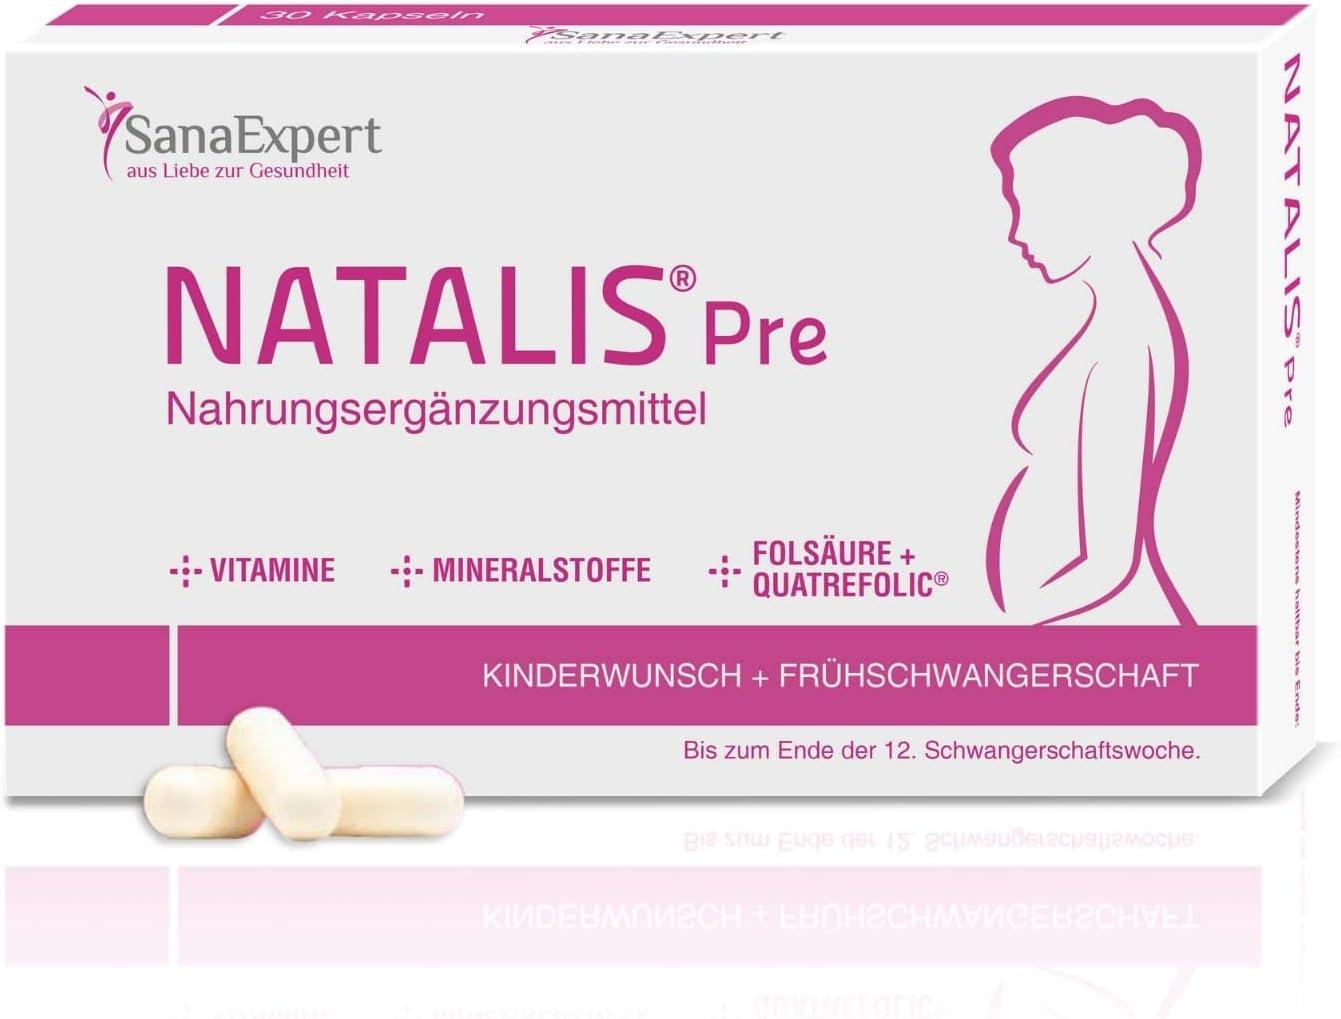 SanaExpert Natalis Pre, Suplemento Vitamínico para la Concepción y Mujeres en Embarazo con Ácido Fólico, Vitamina D, Hierro, Vitaminas para la Fecundación- 30 Cápsulas (1)